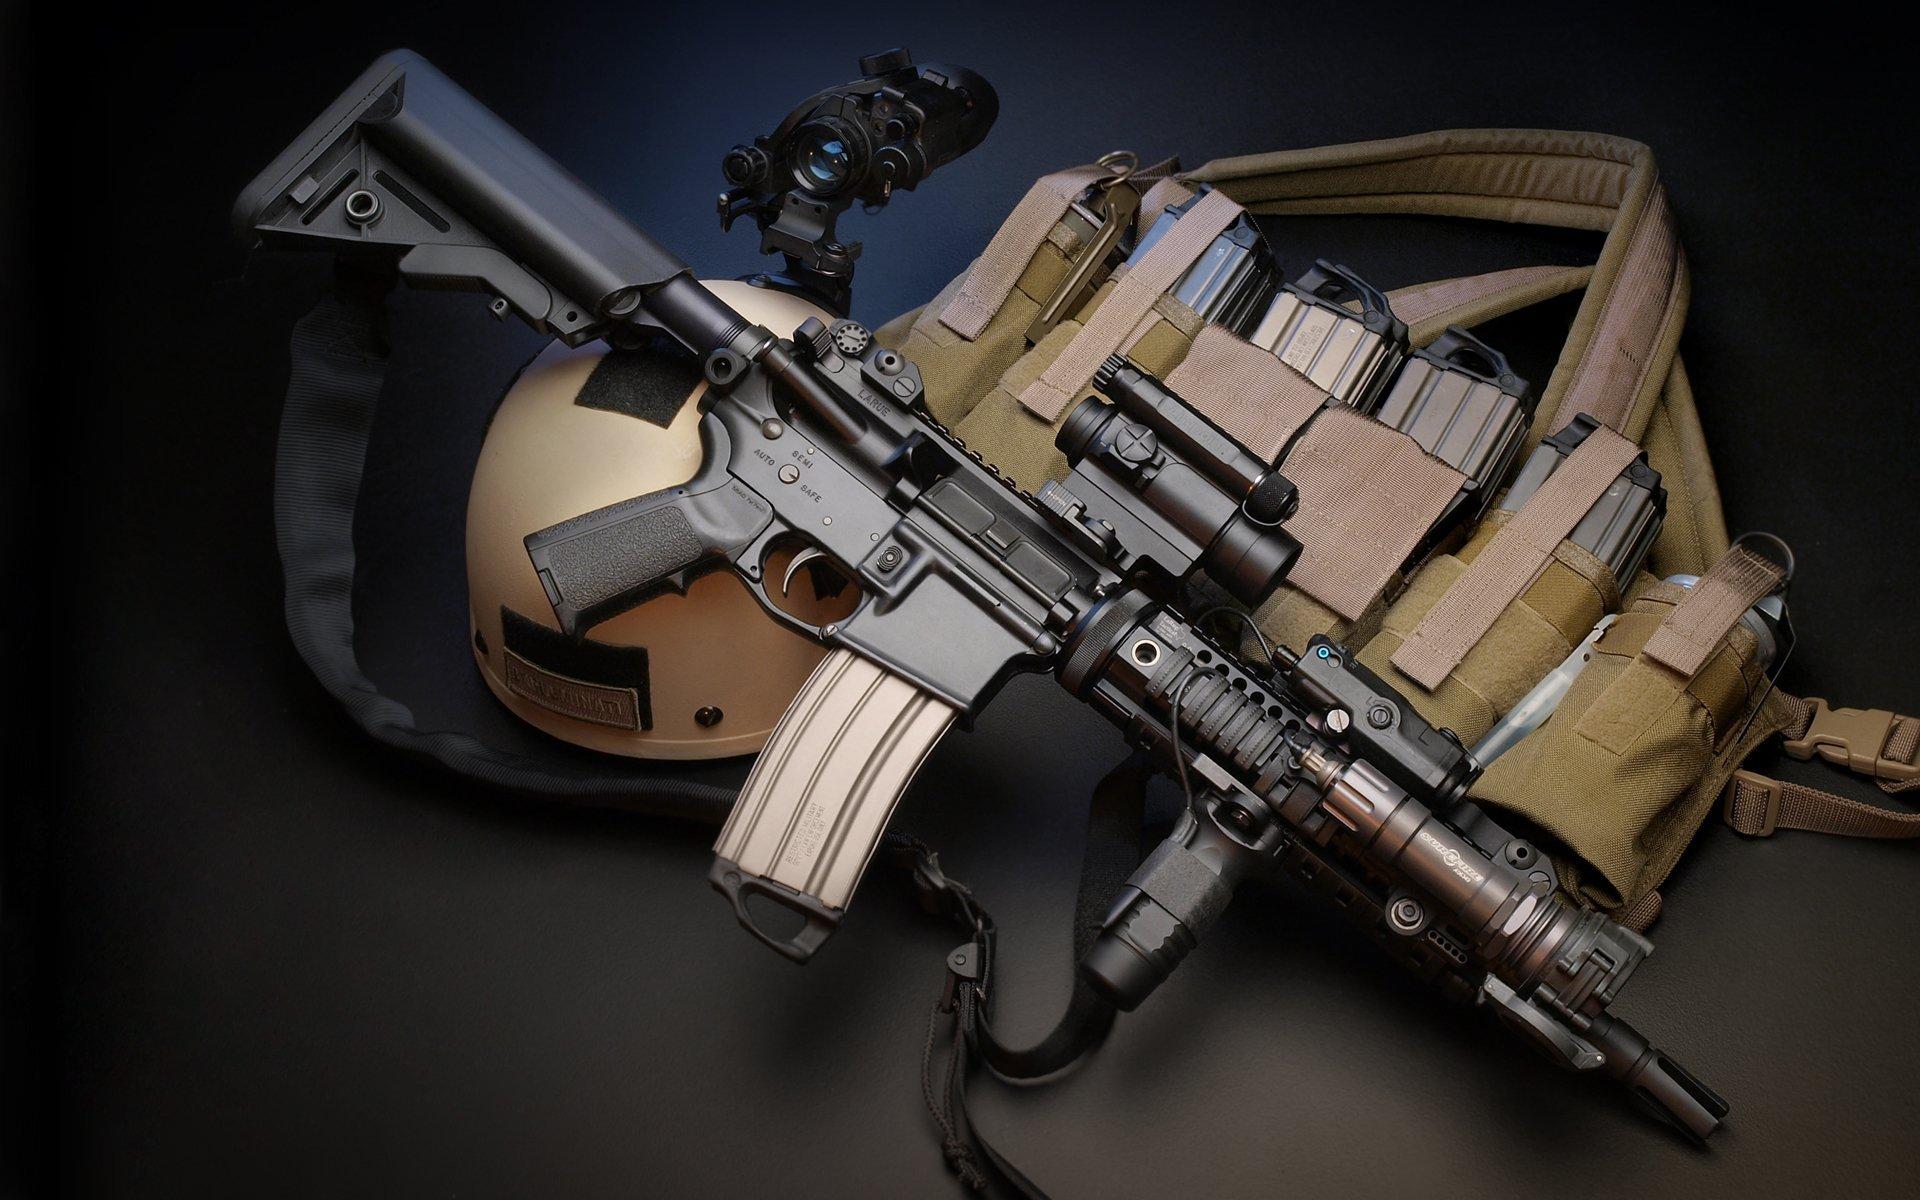 High Resolution Wallpaper   LaRue Assault Rifle 1920x1200 px